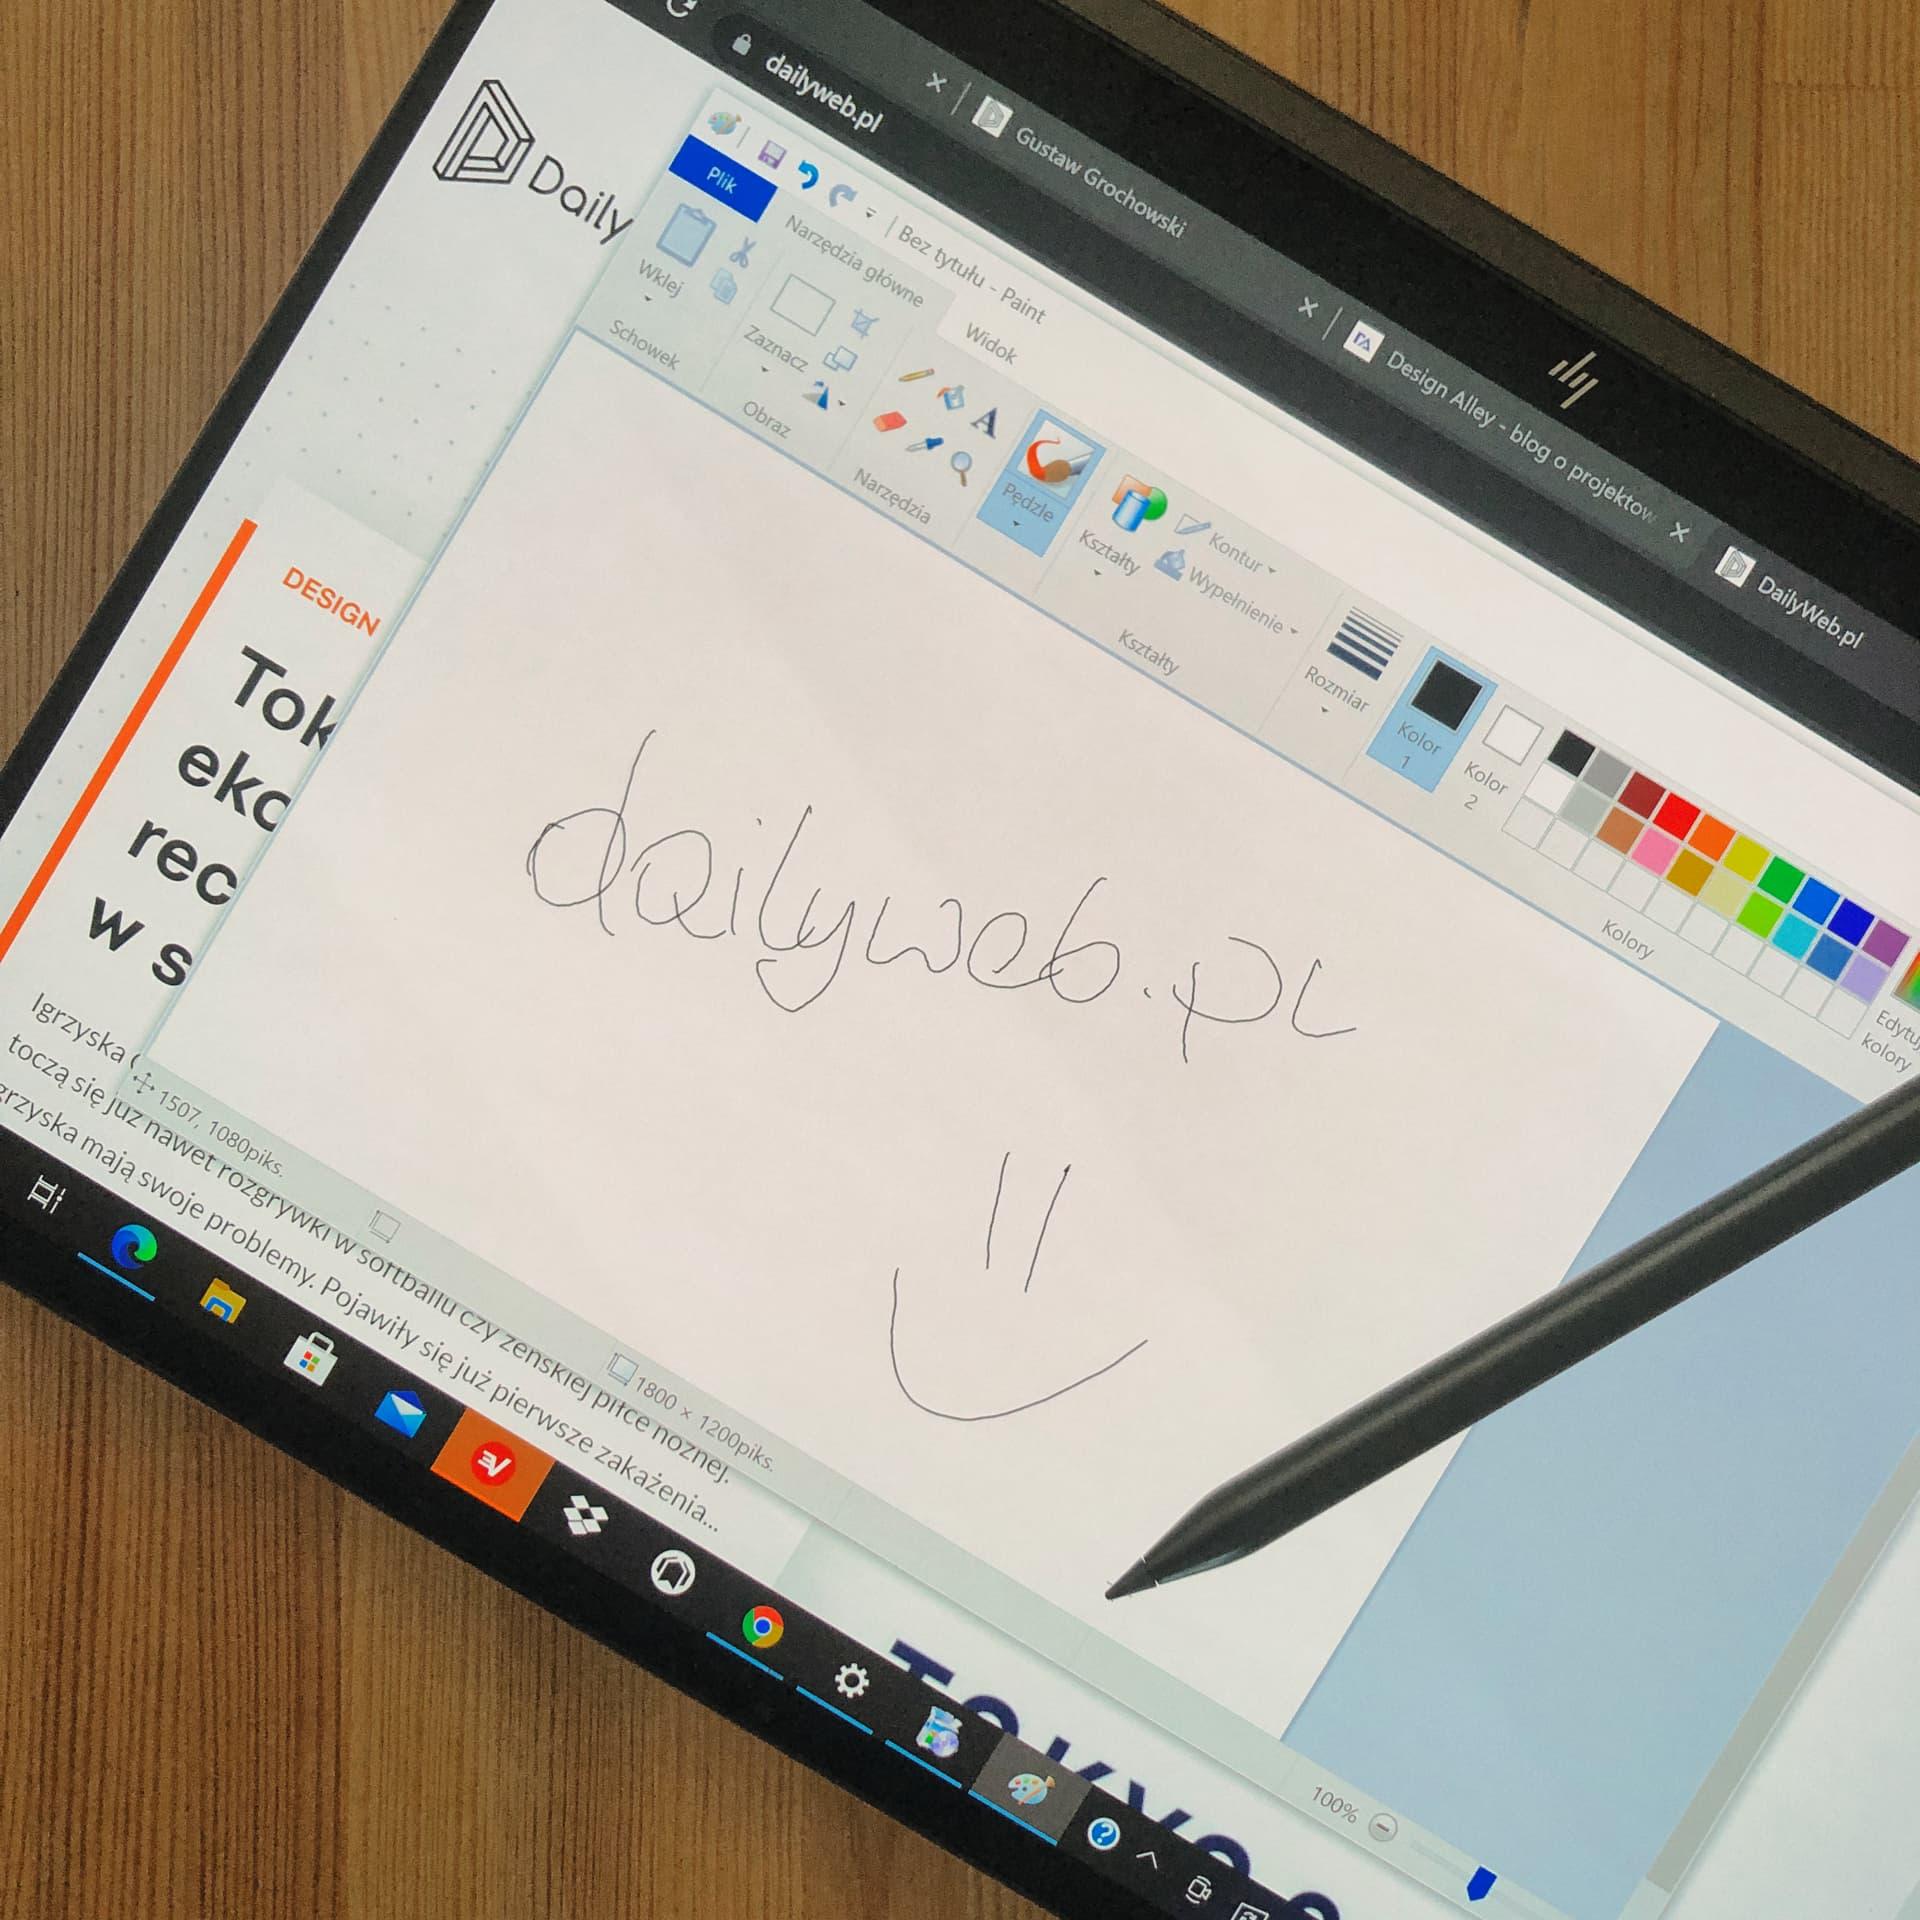 Spectre x360 14 – konwertowalny laptop od HP o niebanalnym wyglądzie